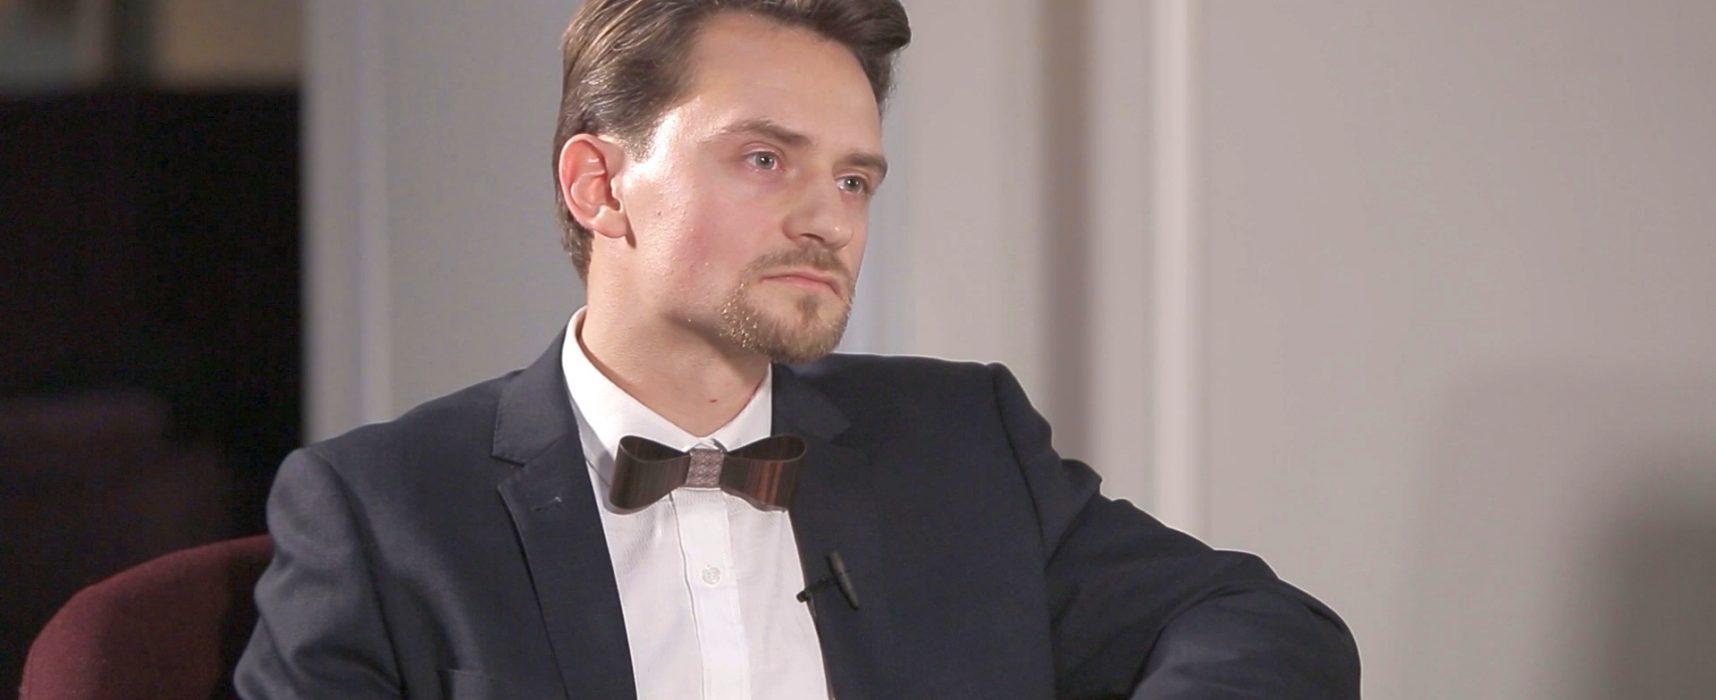 """""""Als Journalist habe ich gelernt, Krieg zu machen. Jetzt will ich lernen, wie man komplexere Dinge macht"""", Evgeny Zavadskiy (Teil 1)"""